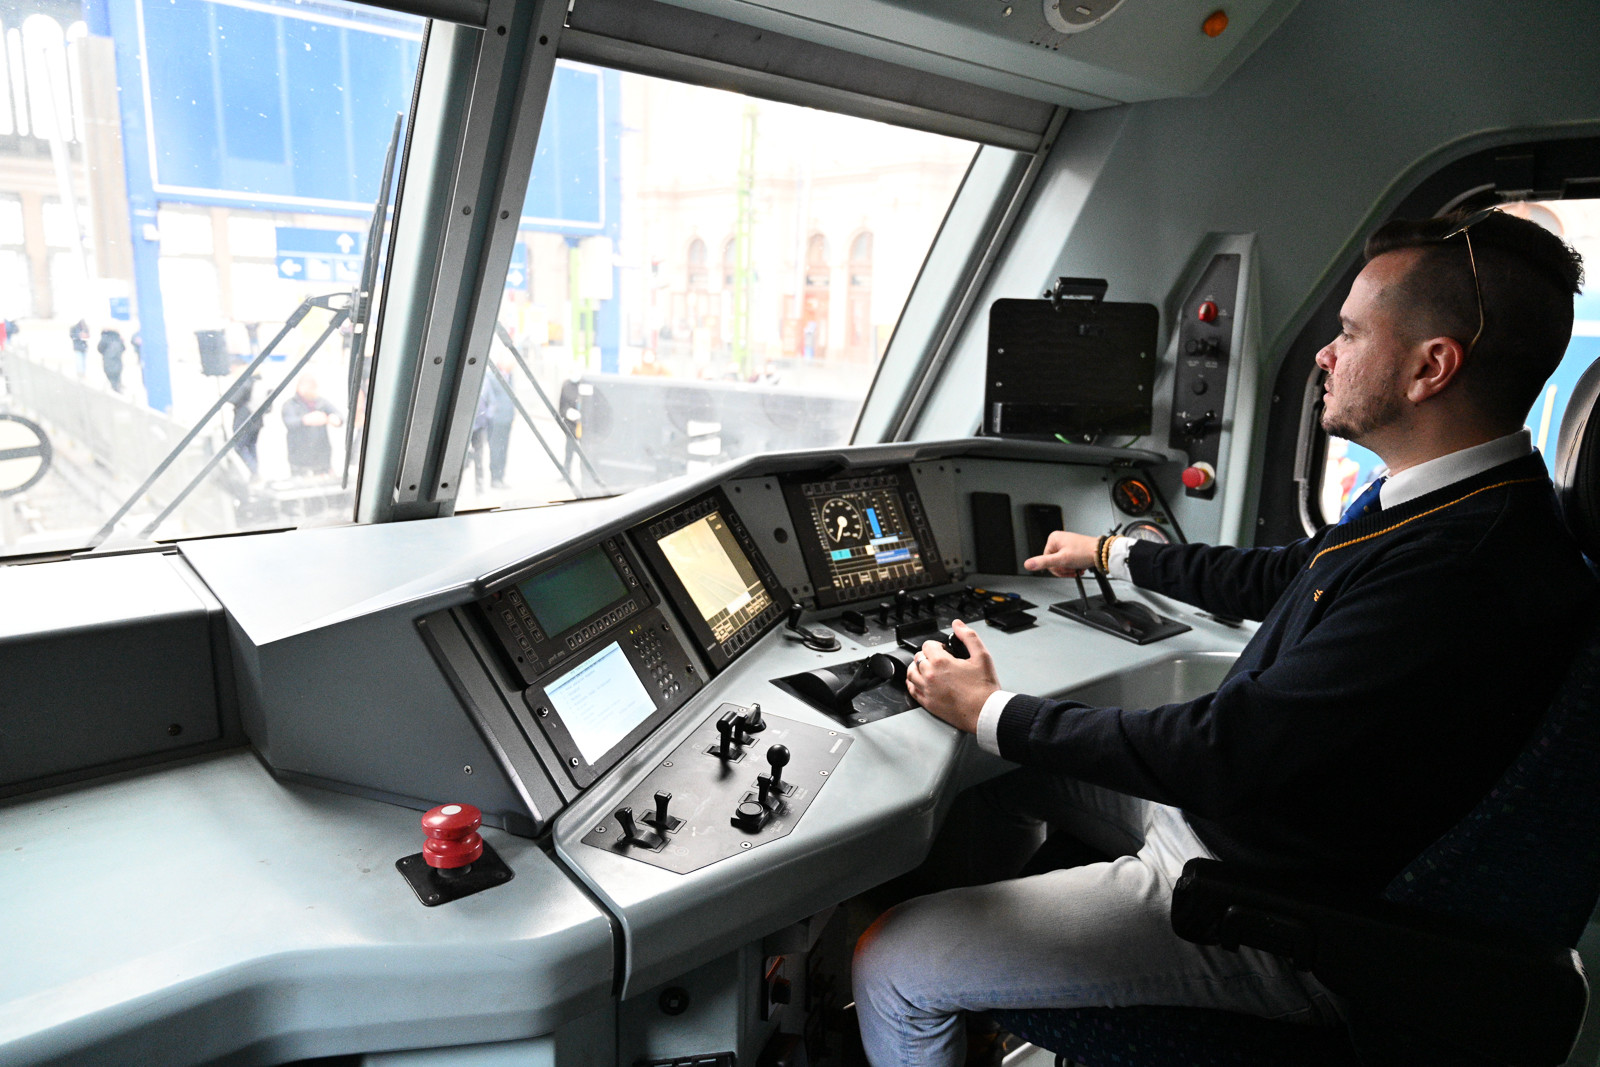 A MÁV-csoport a Vasút Európai Évéhez kapcsolódva indította el zöld kampányát